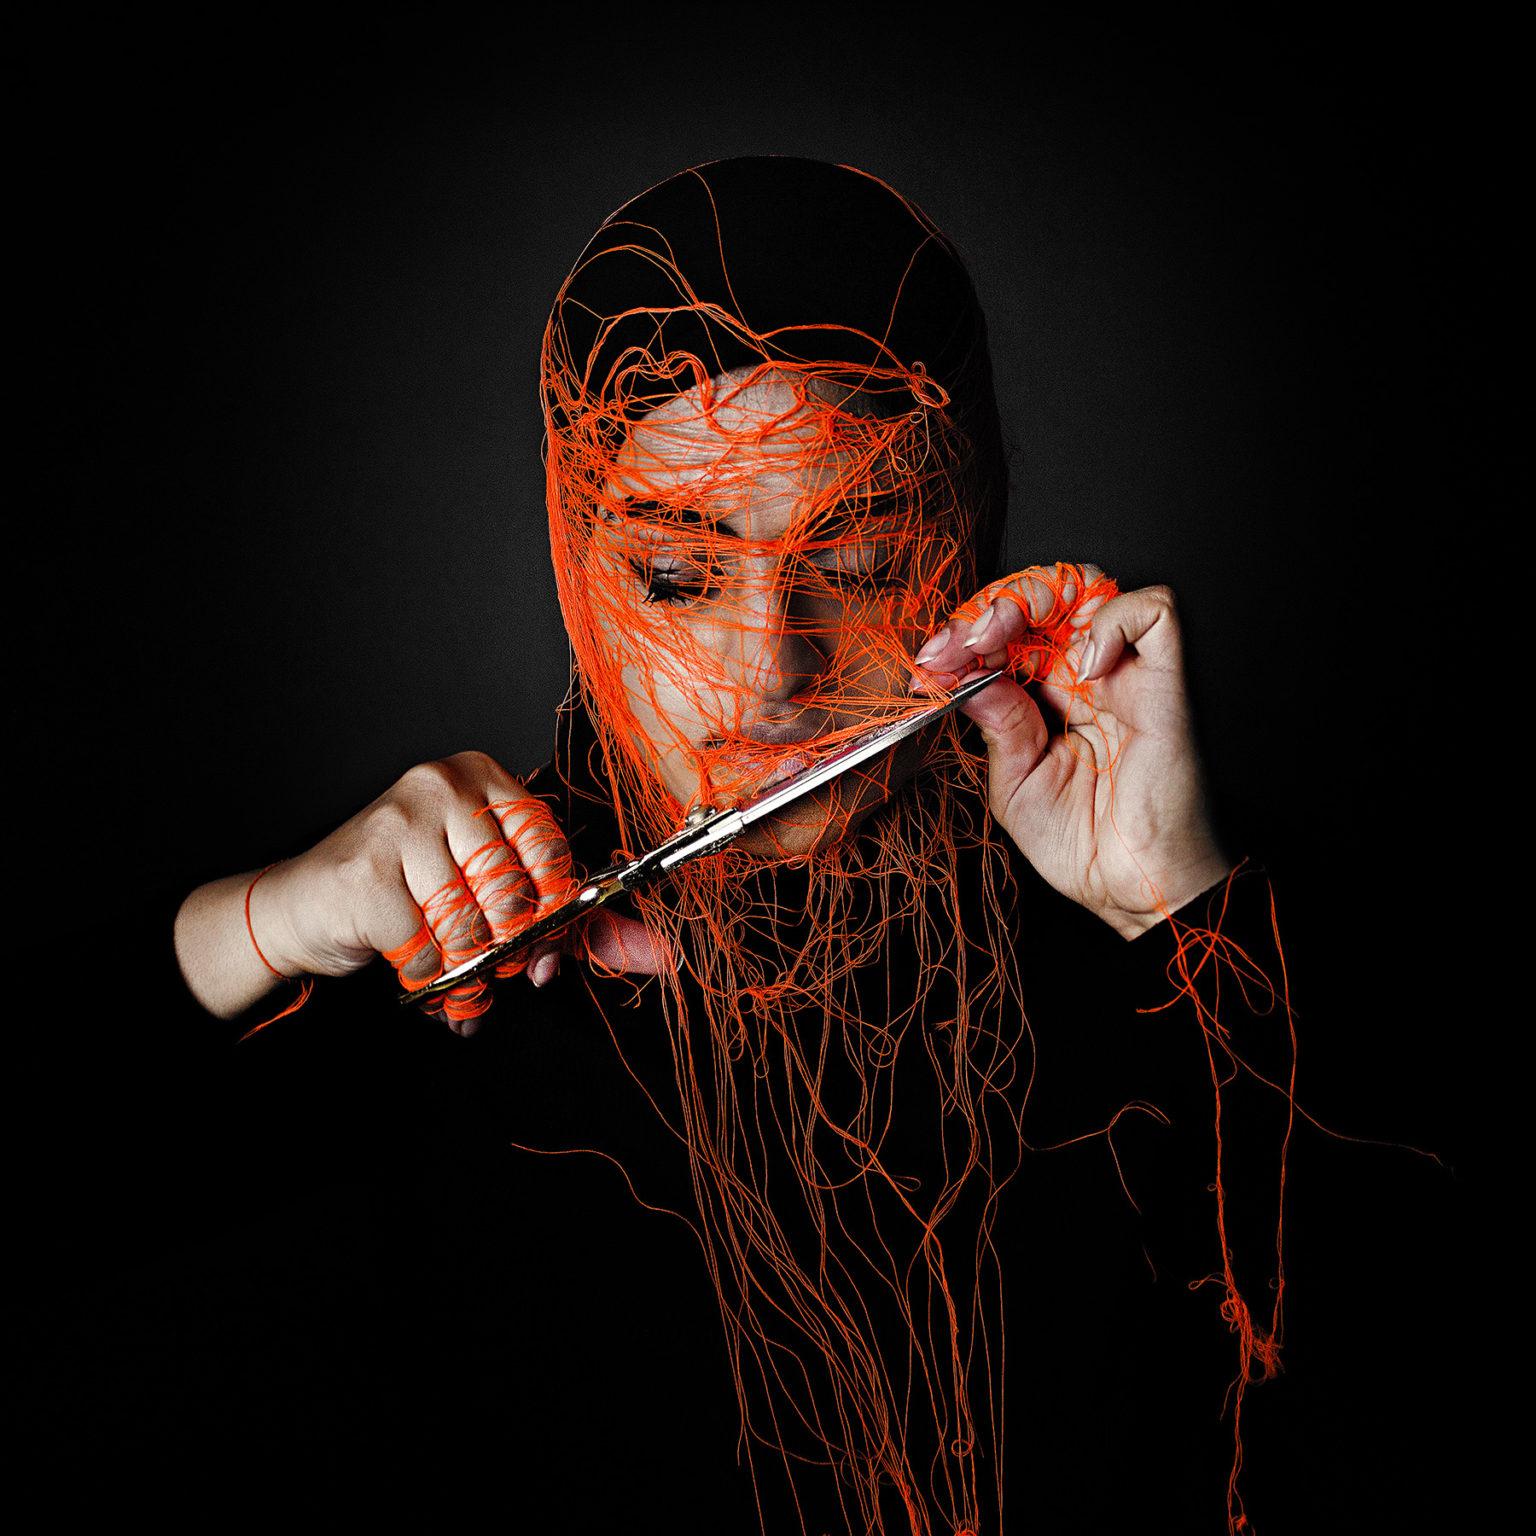 تجنّب عرض الوجه على الكاميرا أو الصور الفوتوغرافية في المنافذ الإعلامية ممارسة شائعة لبعض النساء الخليجيات